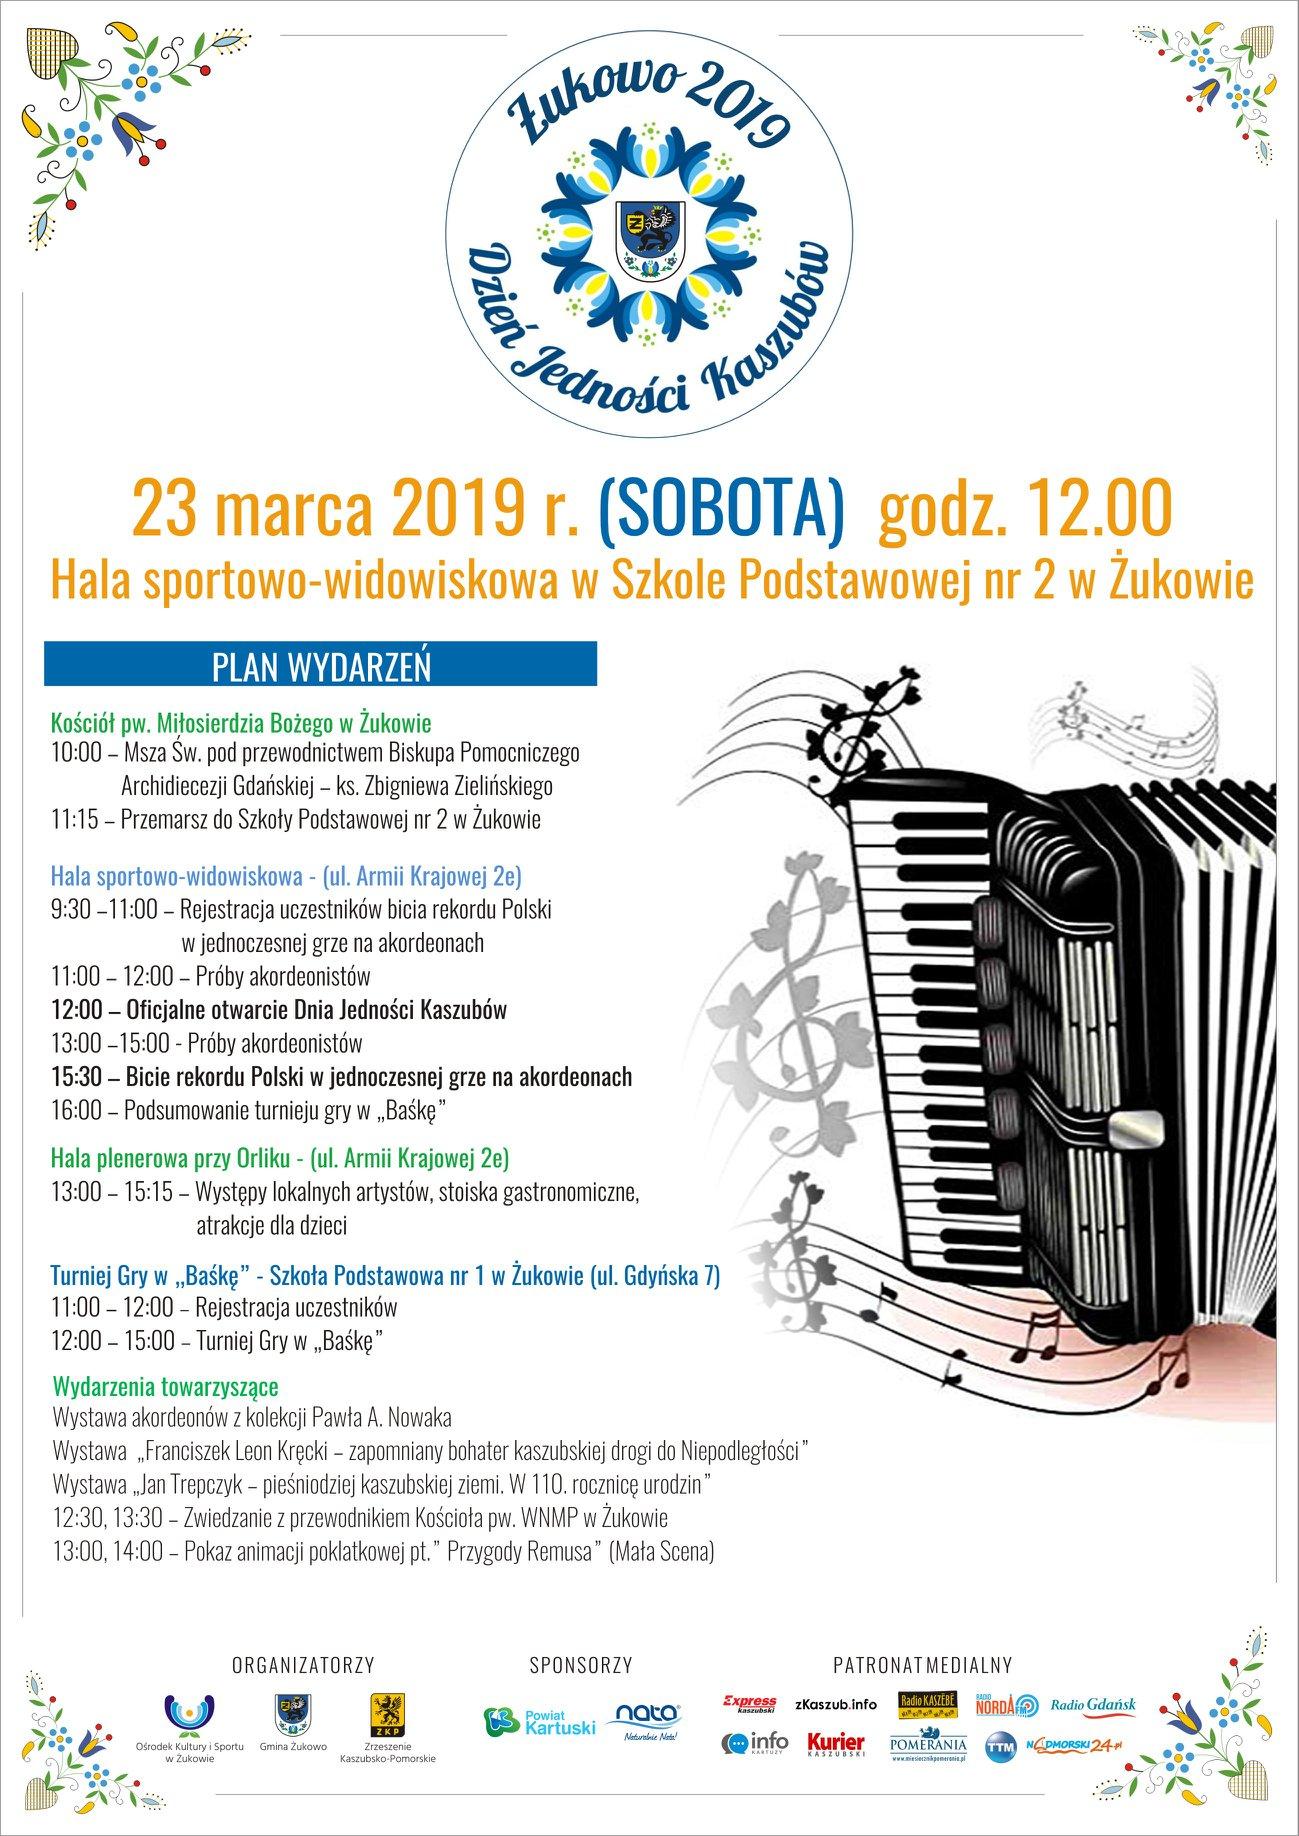 Dzień Jedności Kaszubów 2019 - Żukowo